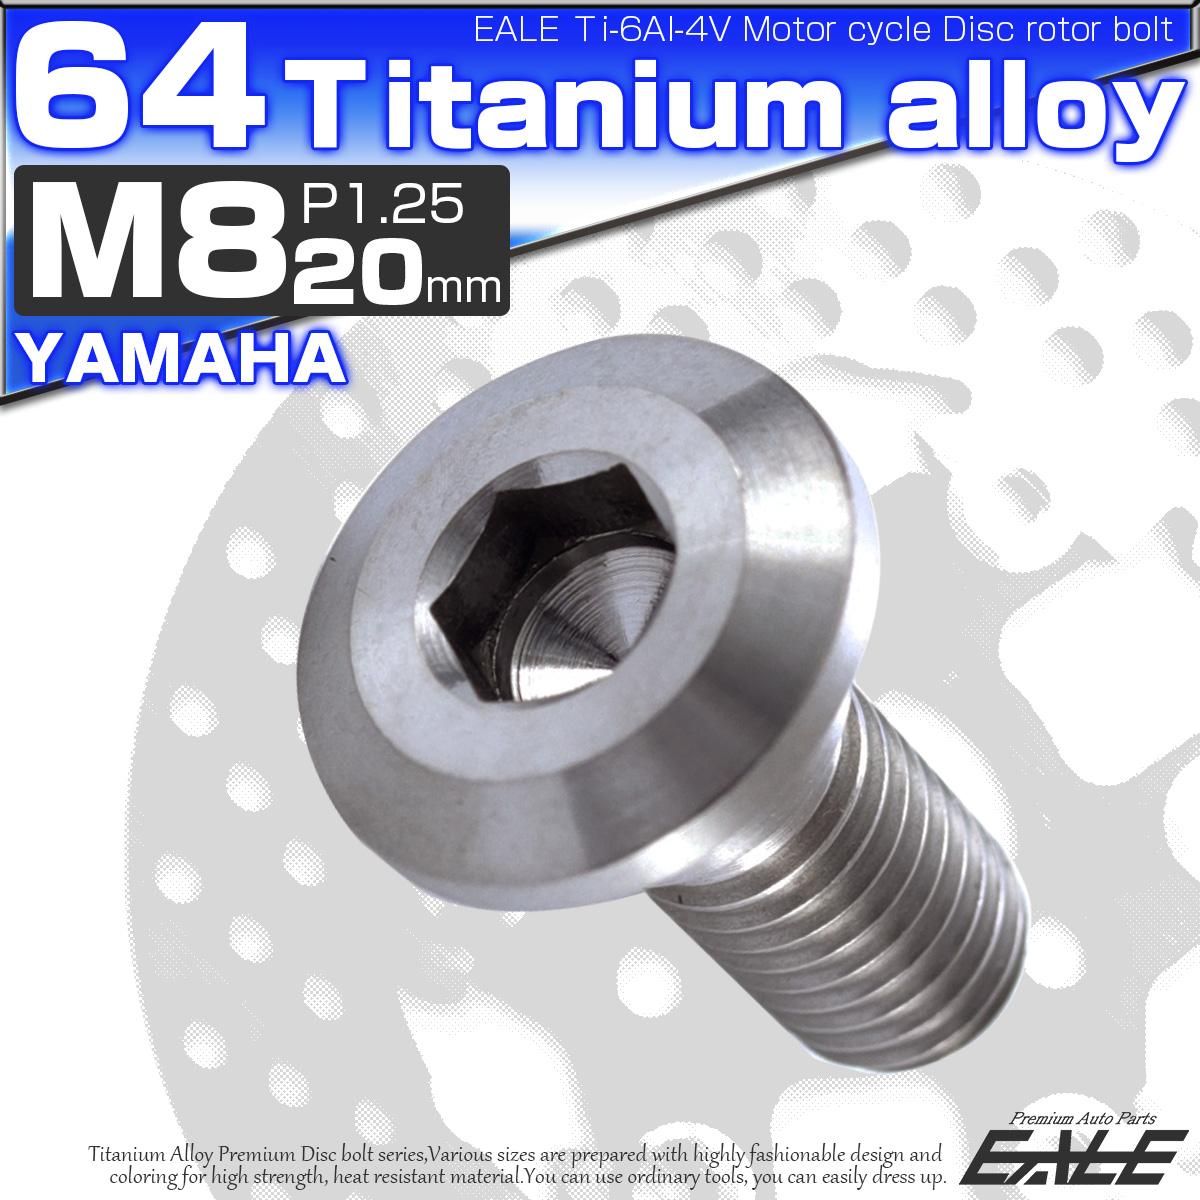 64チタン M8×20mm P=1.25 ブレーキディスク ローター ボルト ヤマハ車用 シルバー 原色 JA201